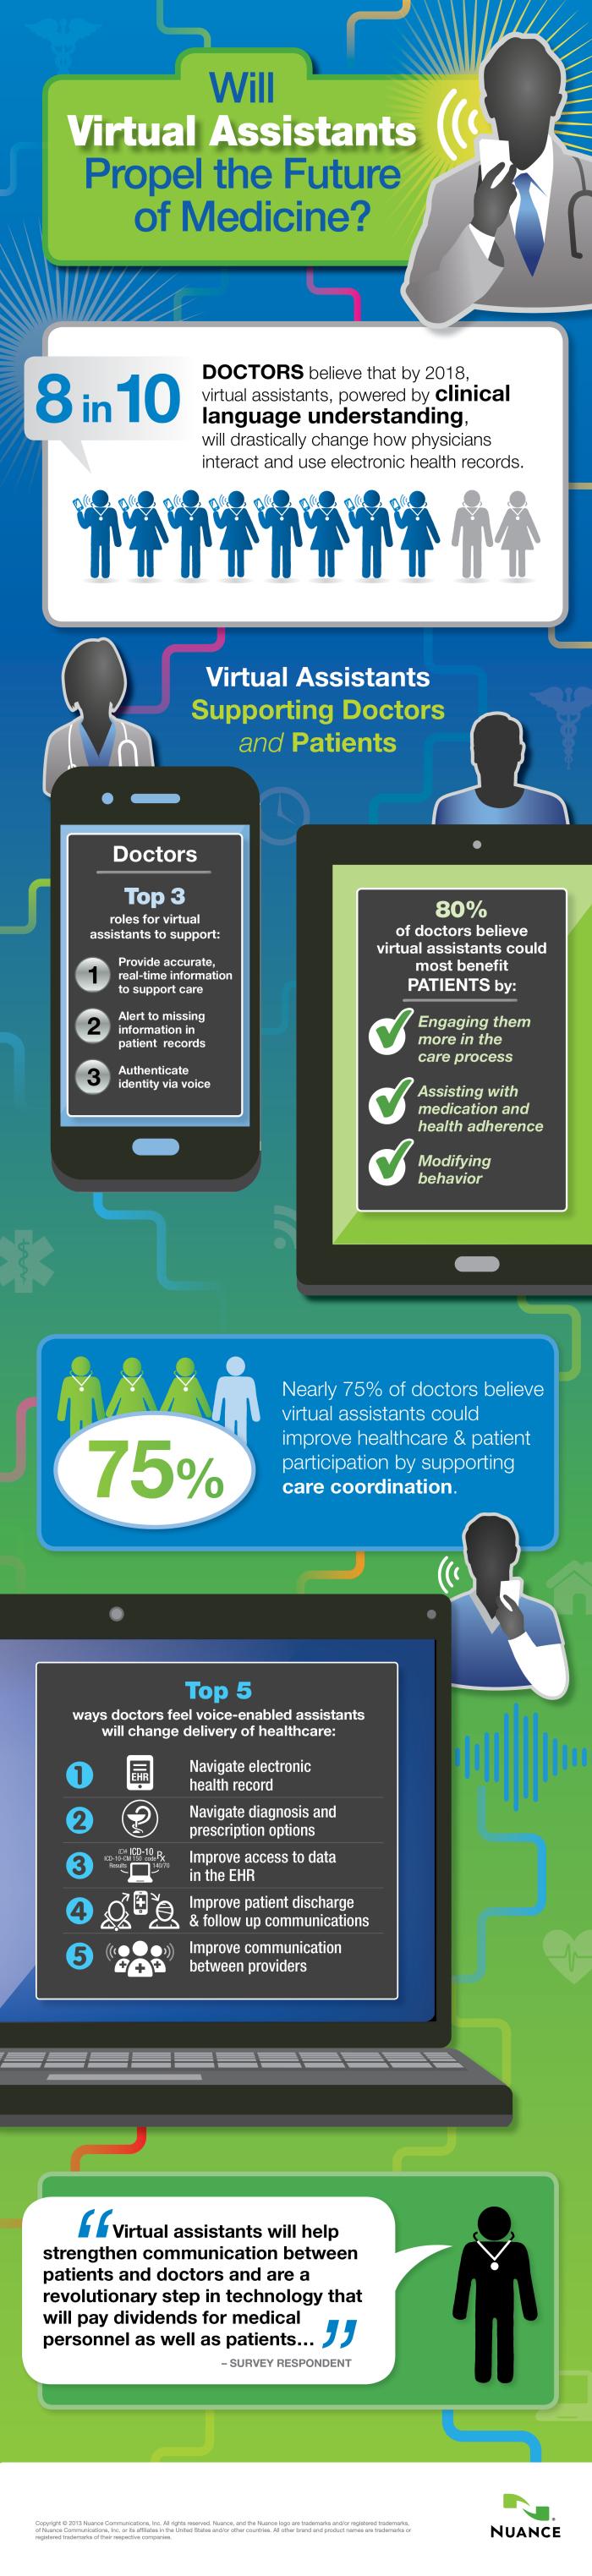 asistente virtual en medicina